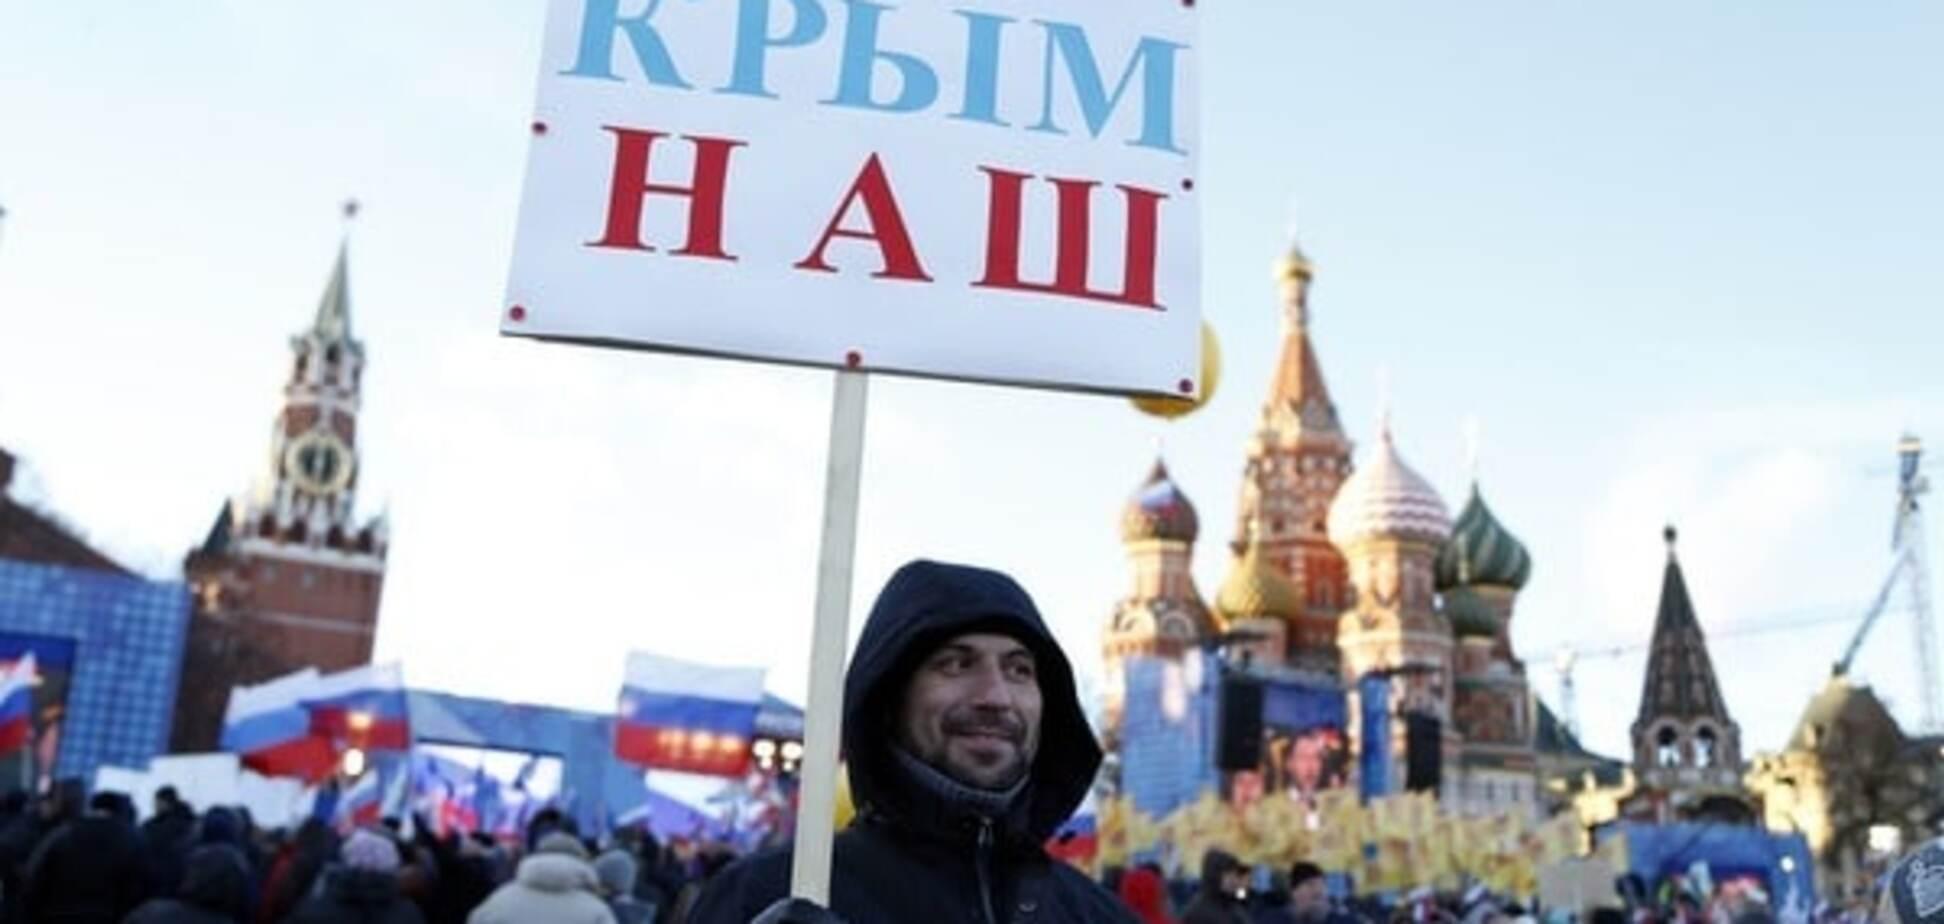 'Все по Оруэллу': в России прокомментировали идею тюремных сроков для противников 'Крымнаша'